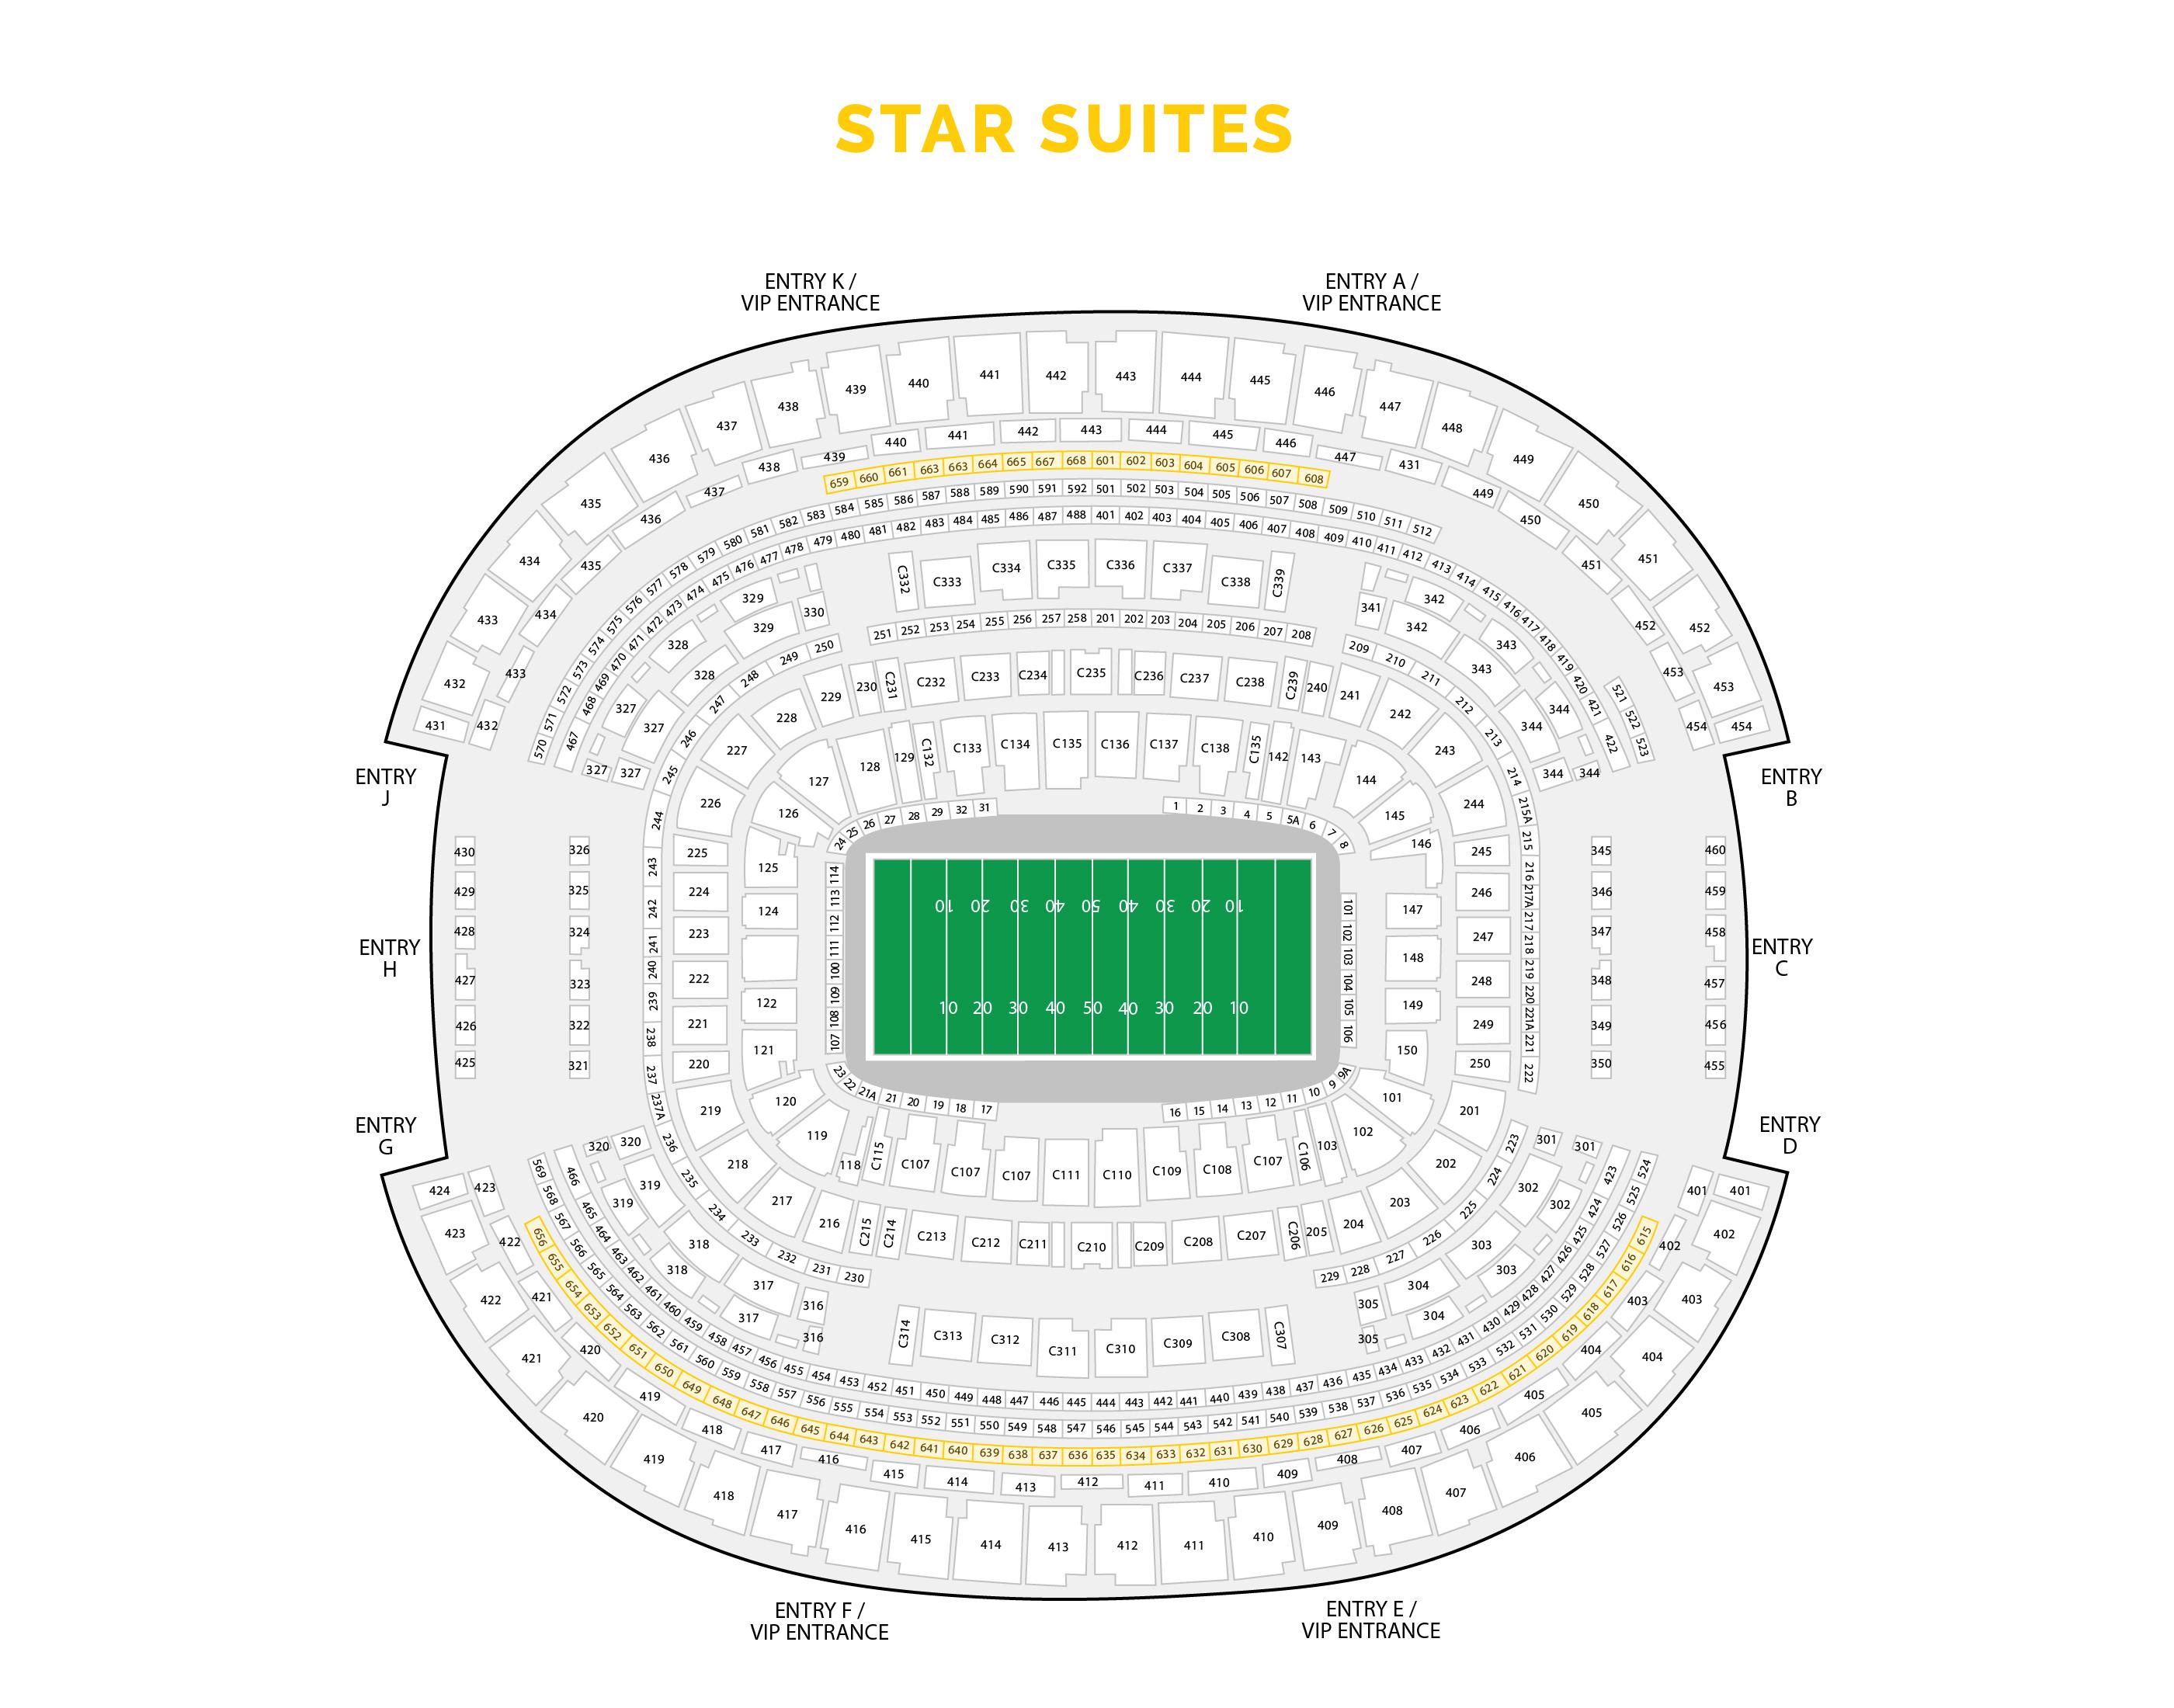 Star Suites